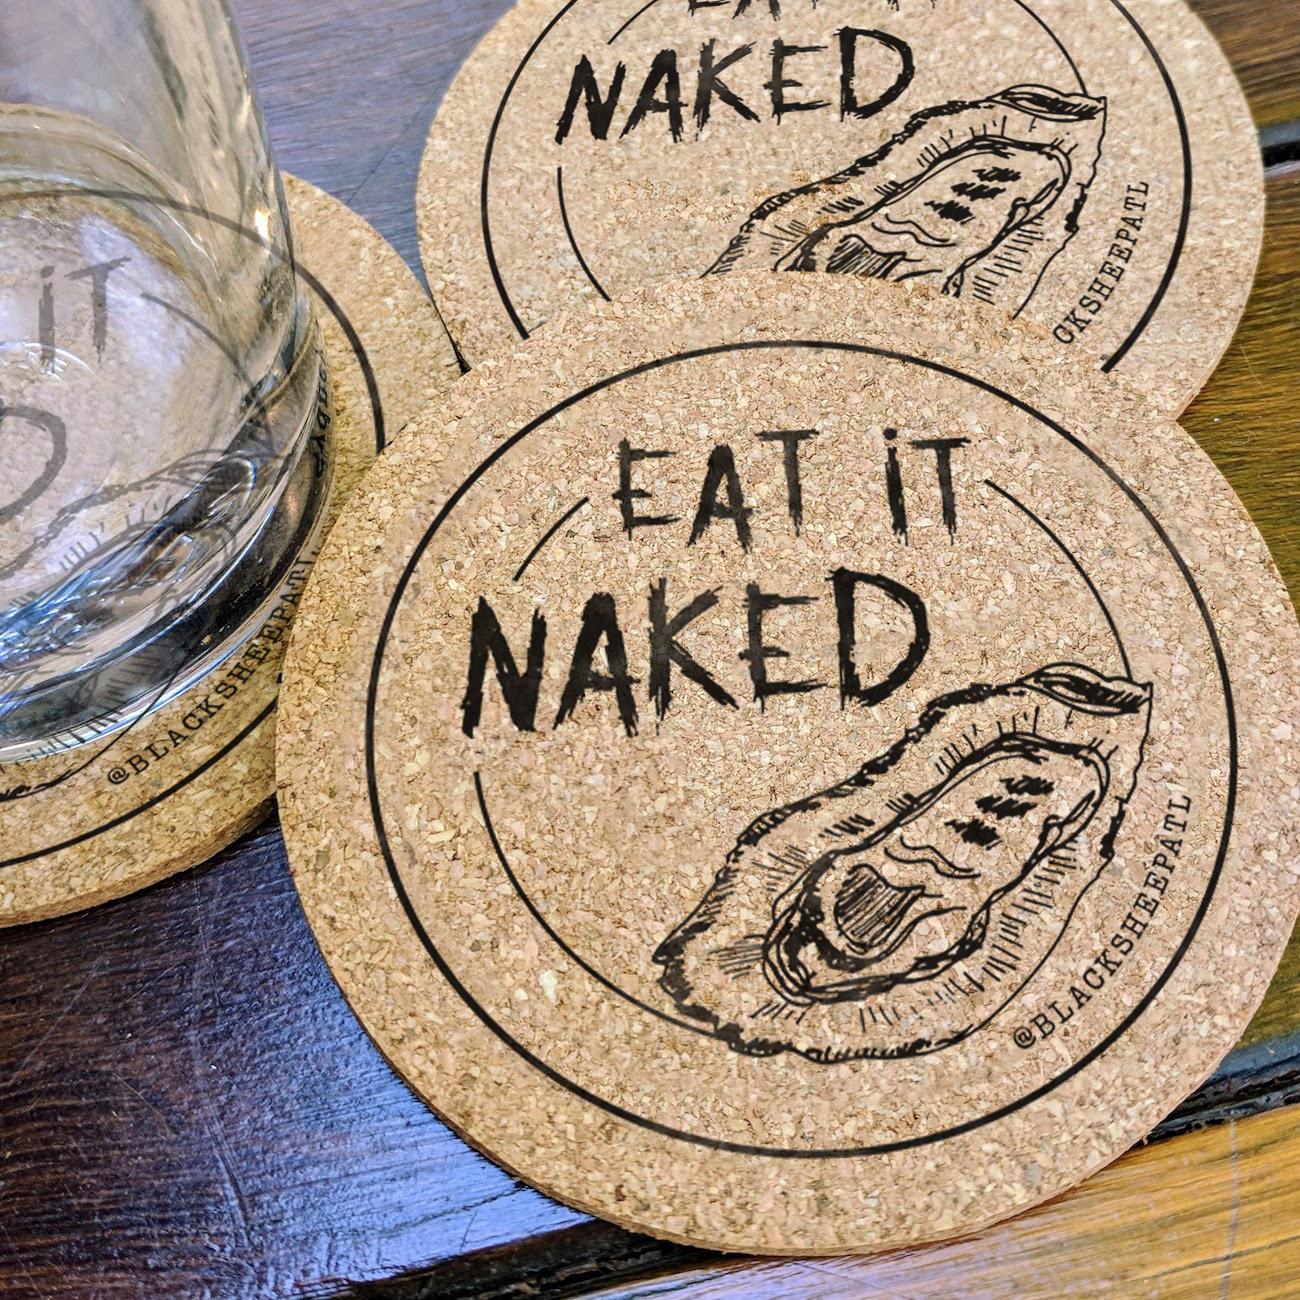 BST_swag_Coasters-mockup-EatItNaked.jpg